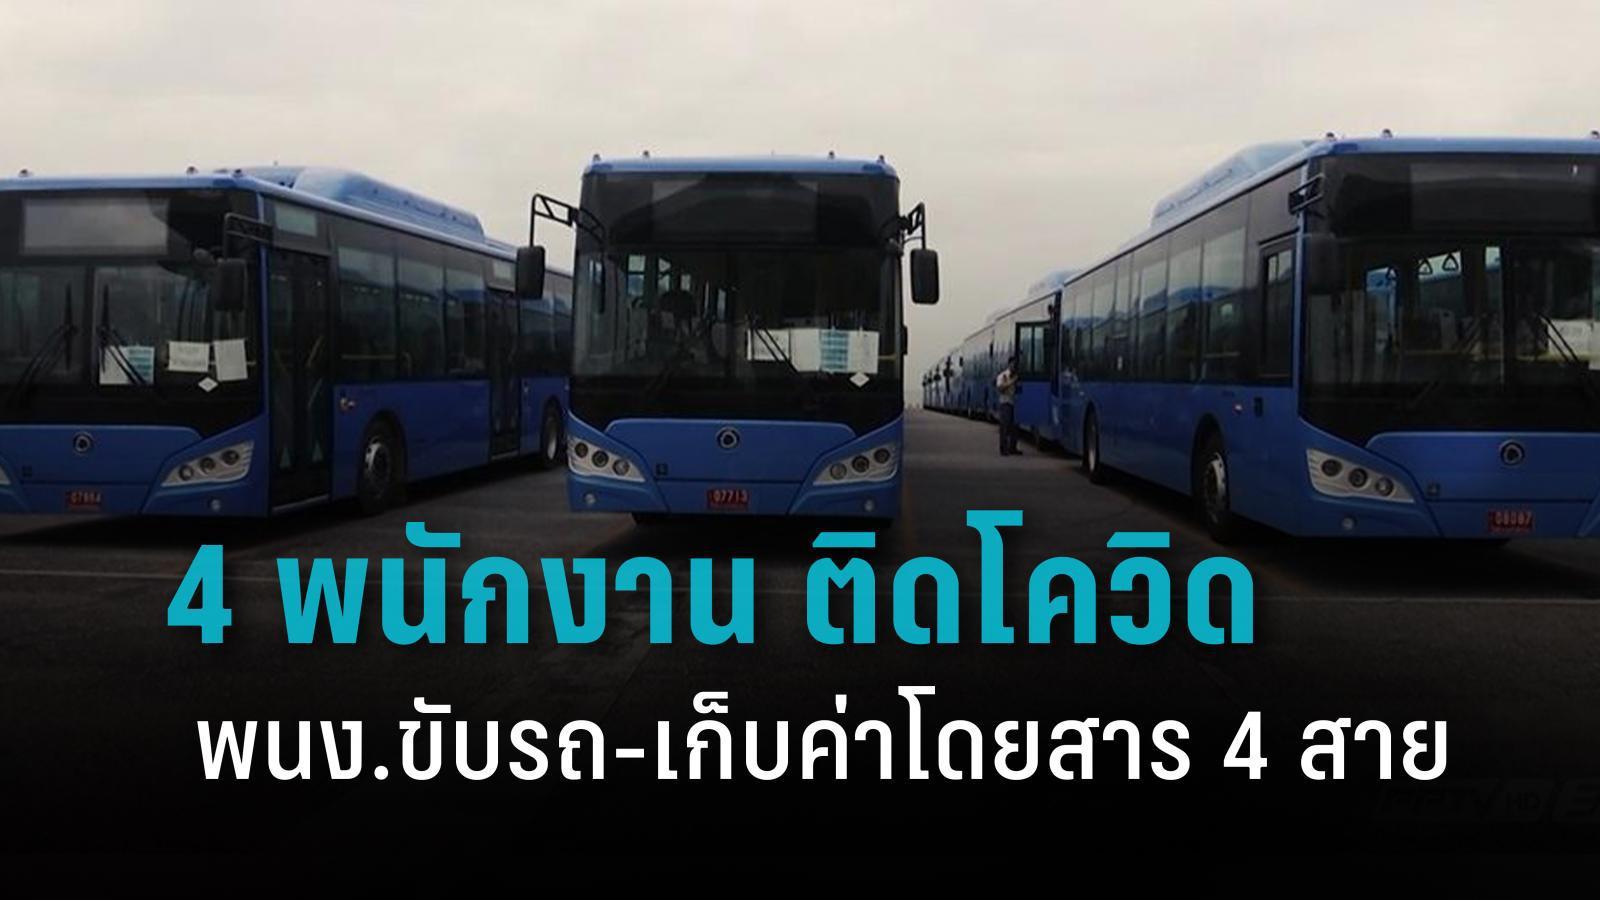 เปิดไทม์ไลน์ พนง.ขับรถ-พนง.เก็บค่าโดยสาร รถเมล์ 4 สาย ติดโควิด